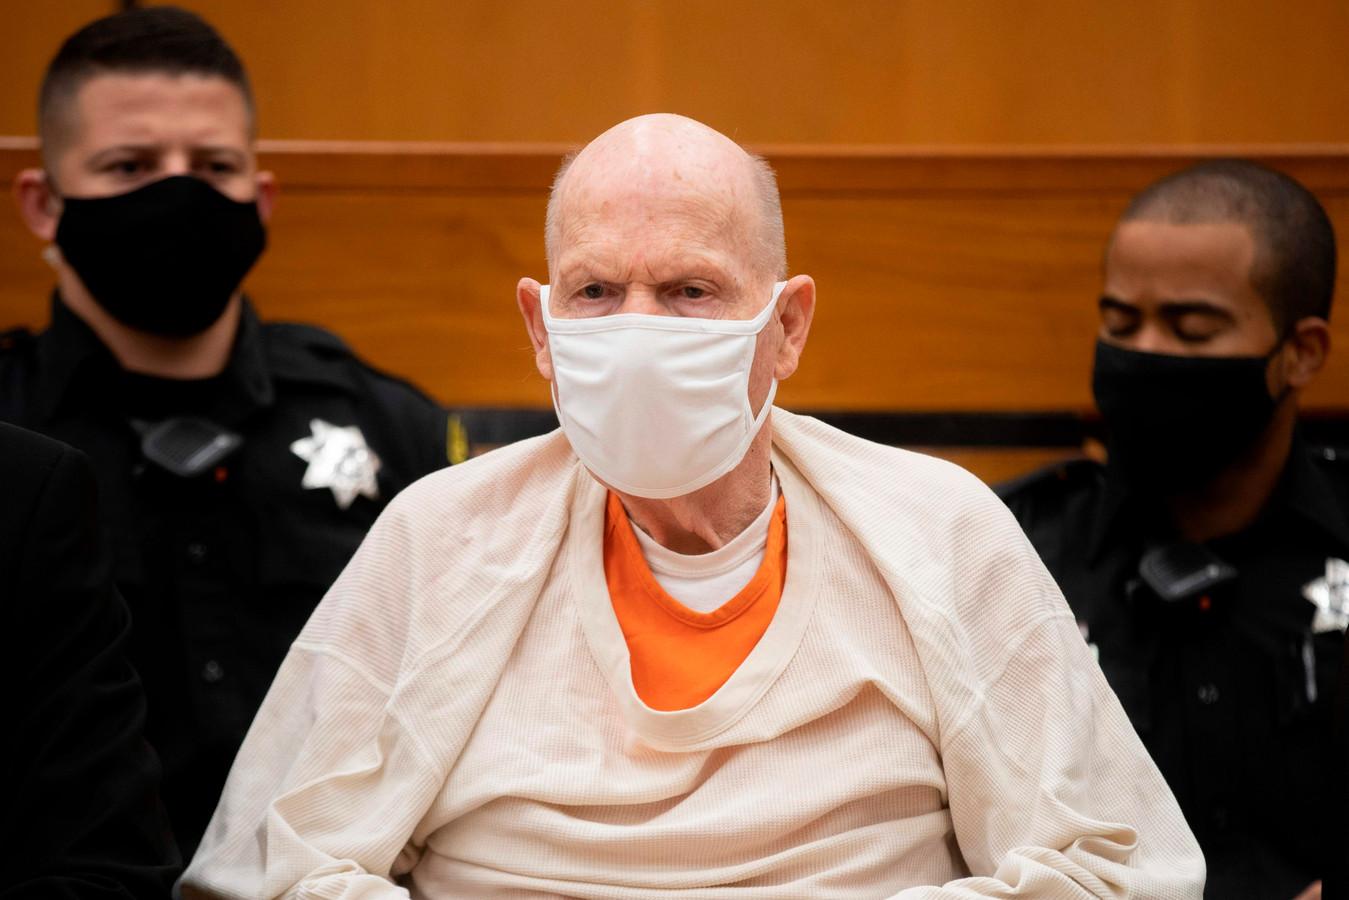 Joseph James DeAngelo in de rechtszaal.